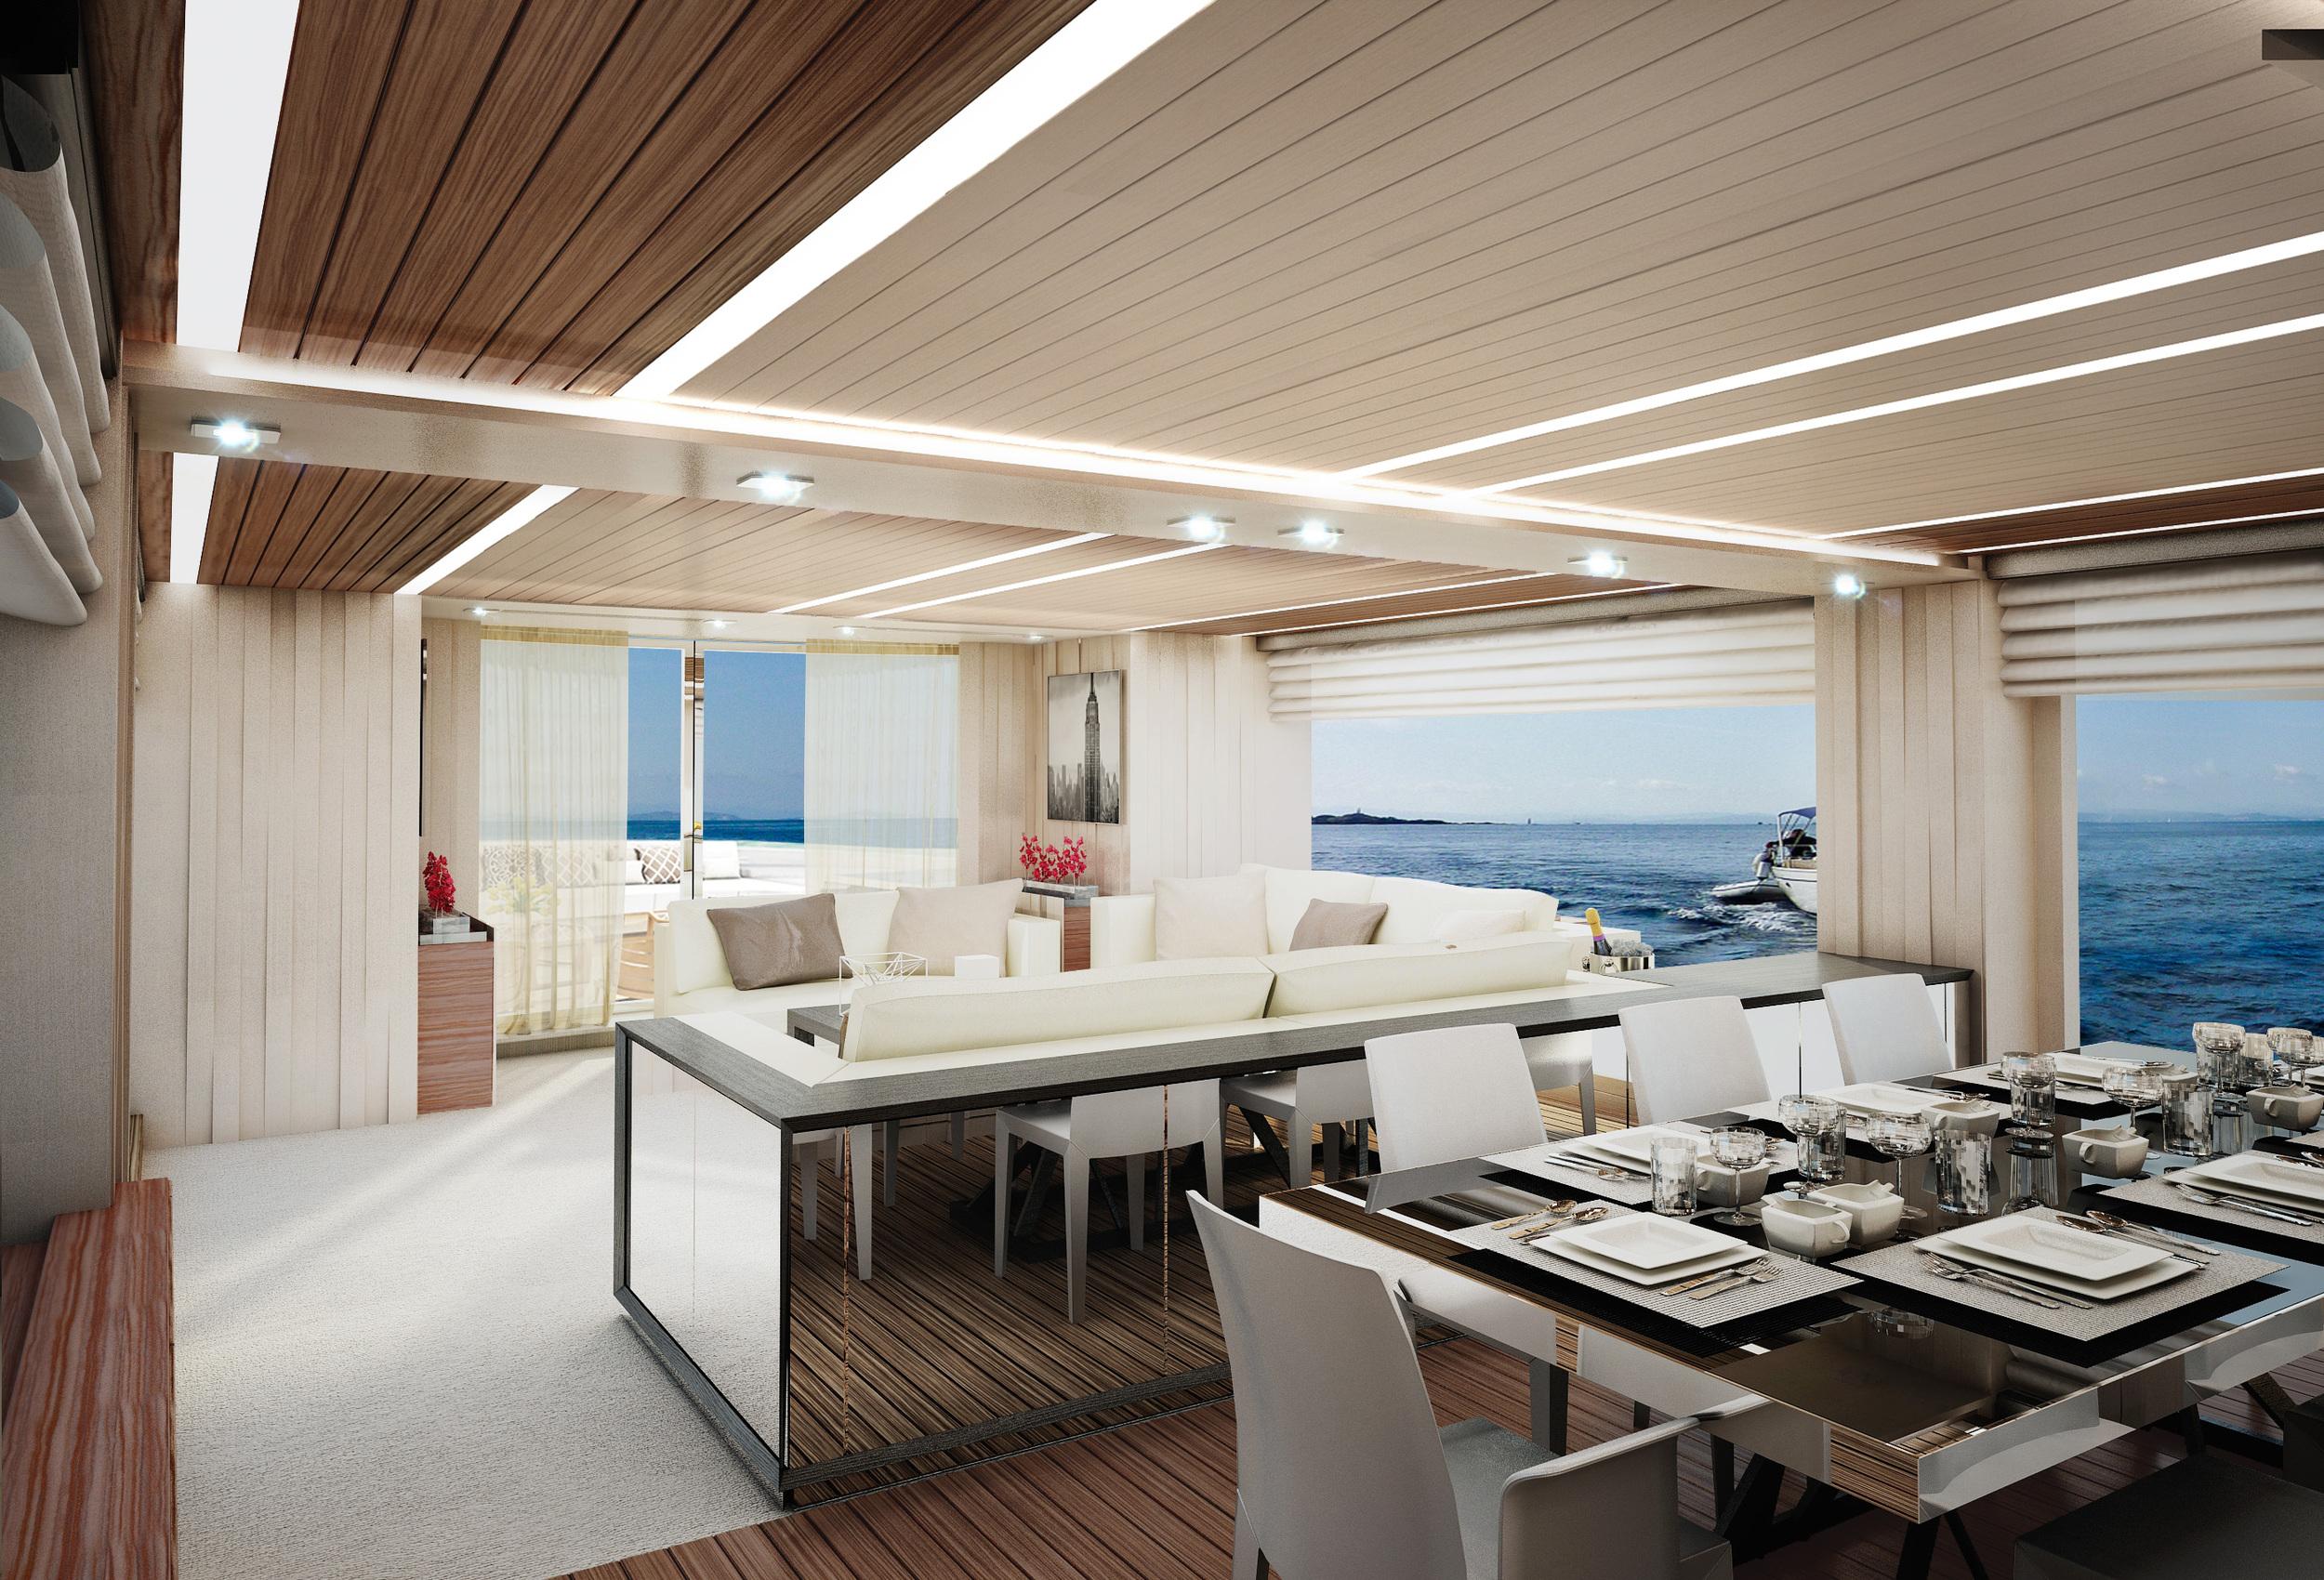 Iate para aluguel, locação, passeio de lancha Italia e Sardenha, Monaco, St Tropez, Cannes, Nice, Portofino